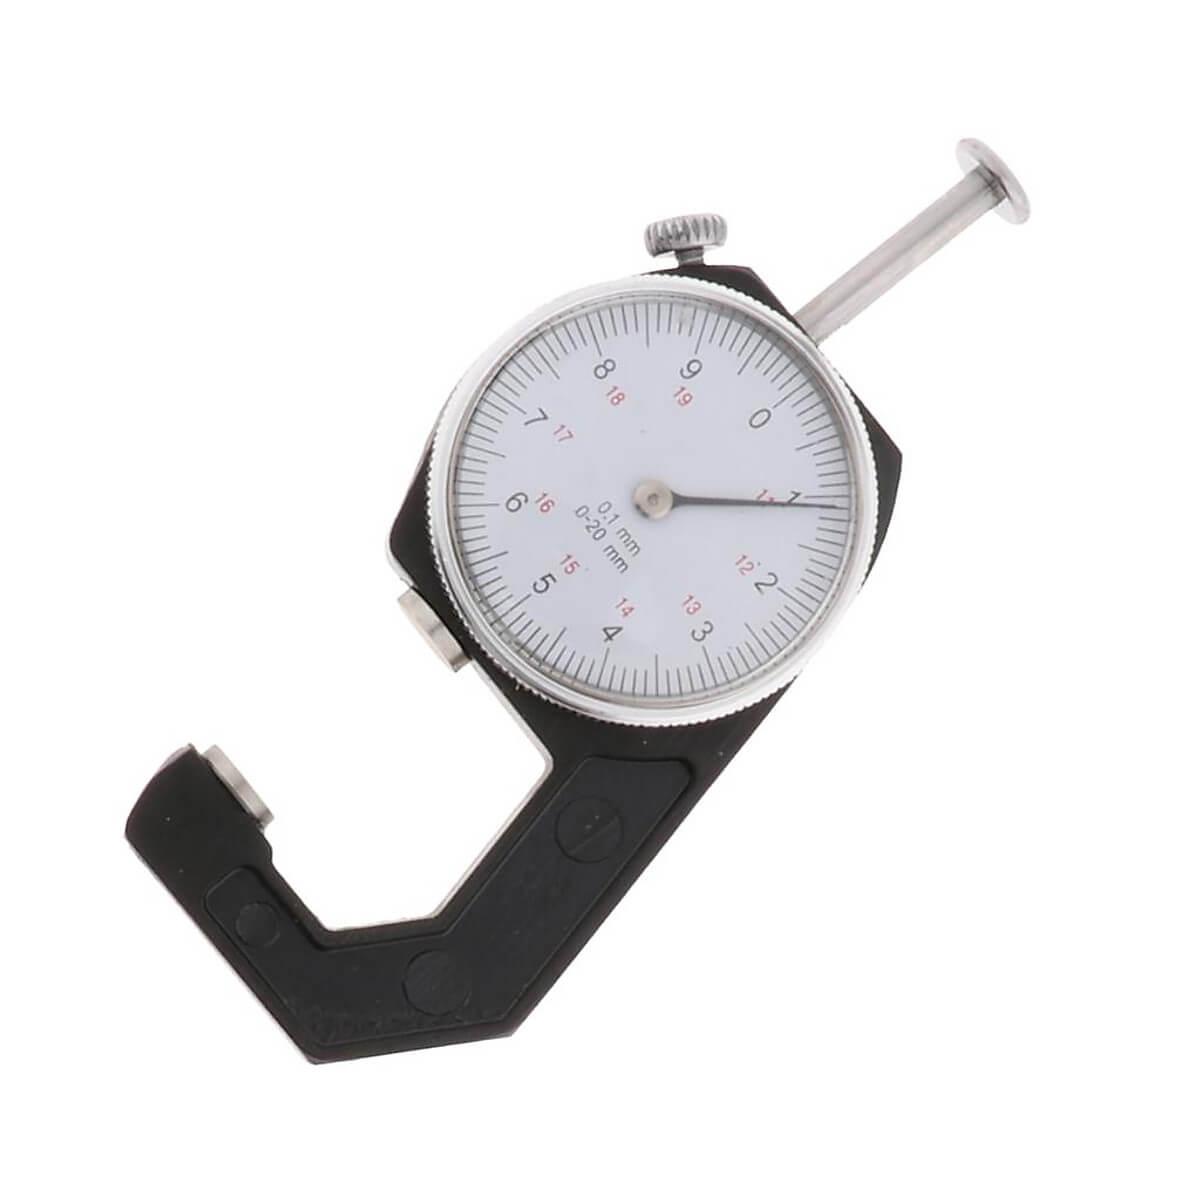 Ứng dụng của đồng hồ đo độ dày